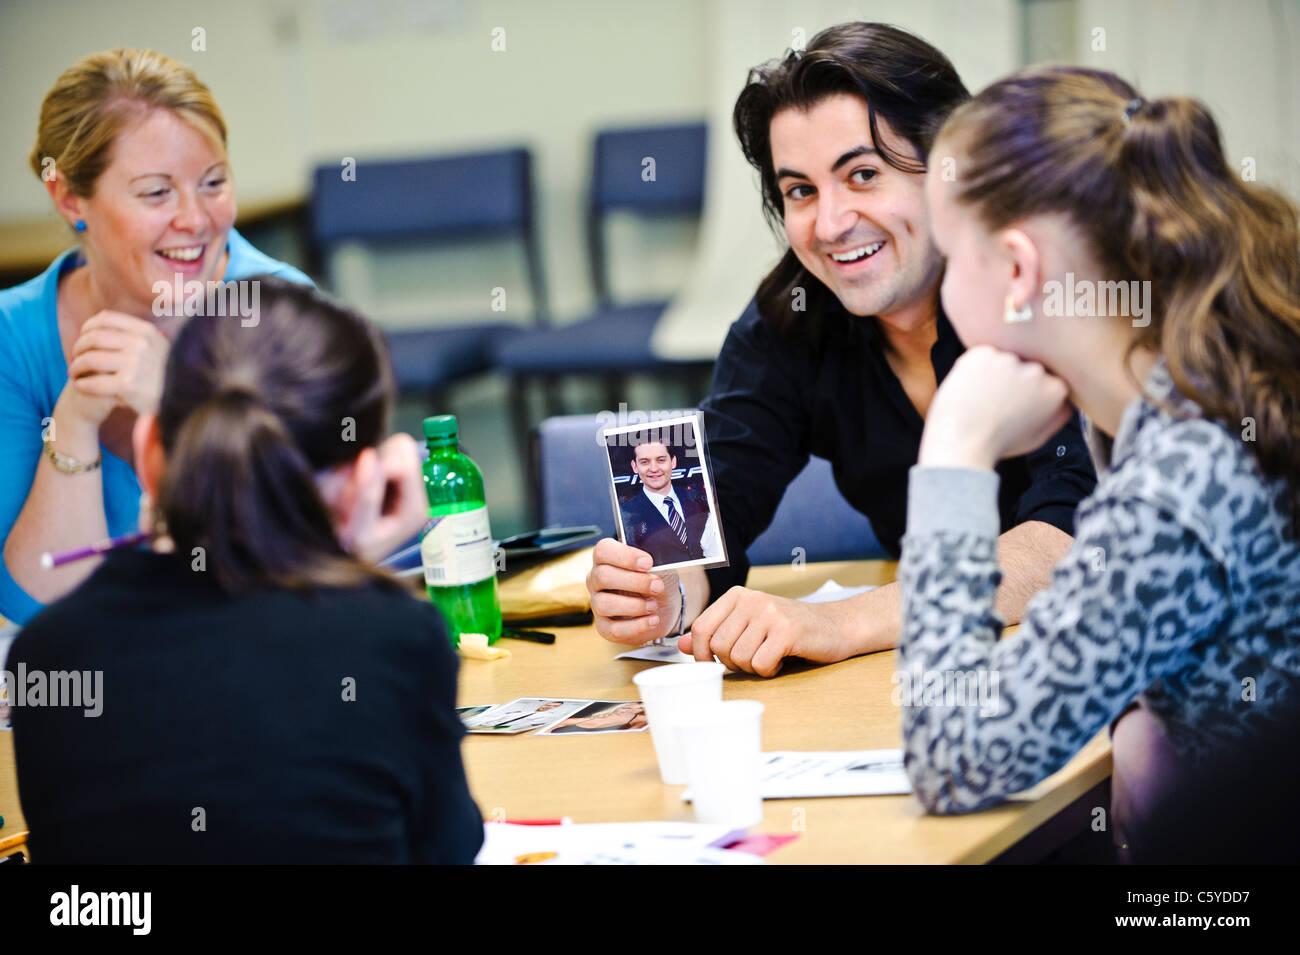 Erwachsenen Lehrer im Klassenzimmer hält ein Foto eines Prominenten in Richtung zwei Schulkinder im Alter von Stockbild